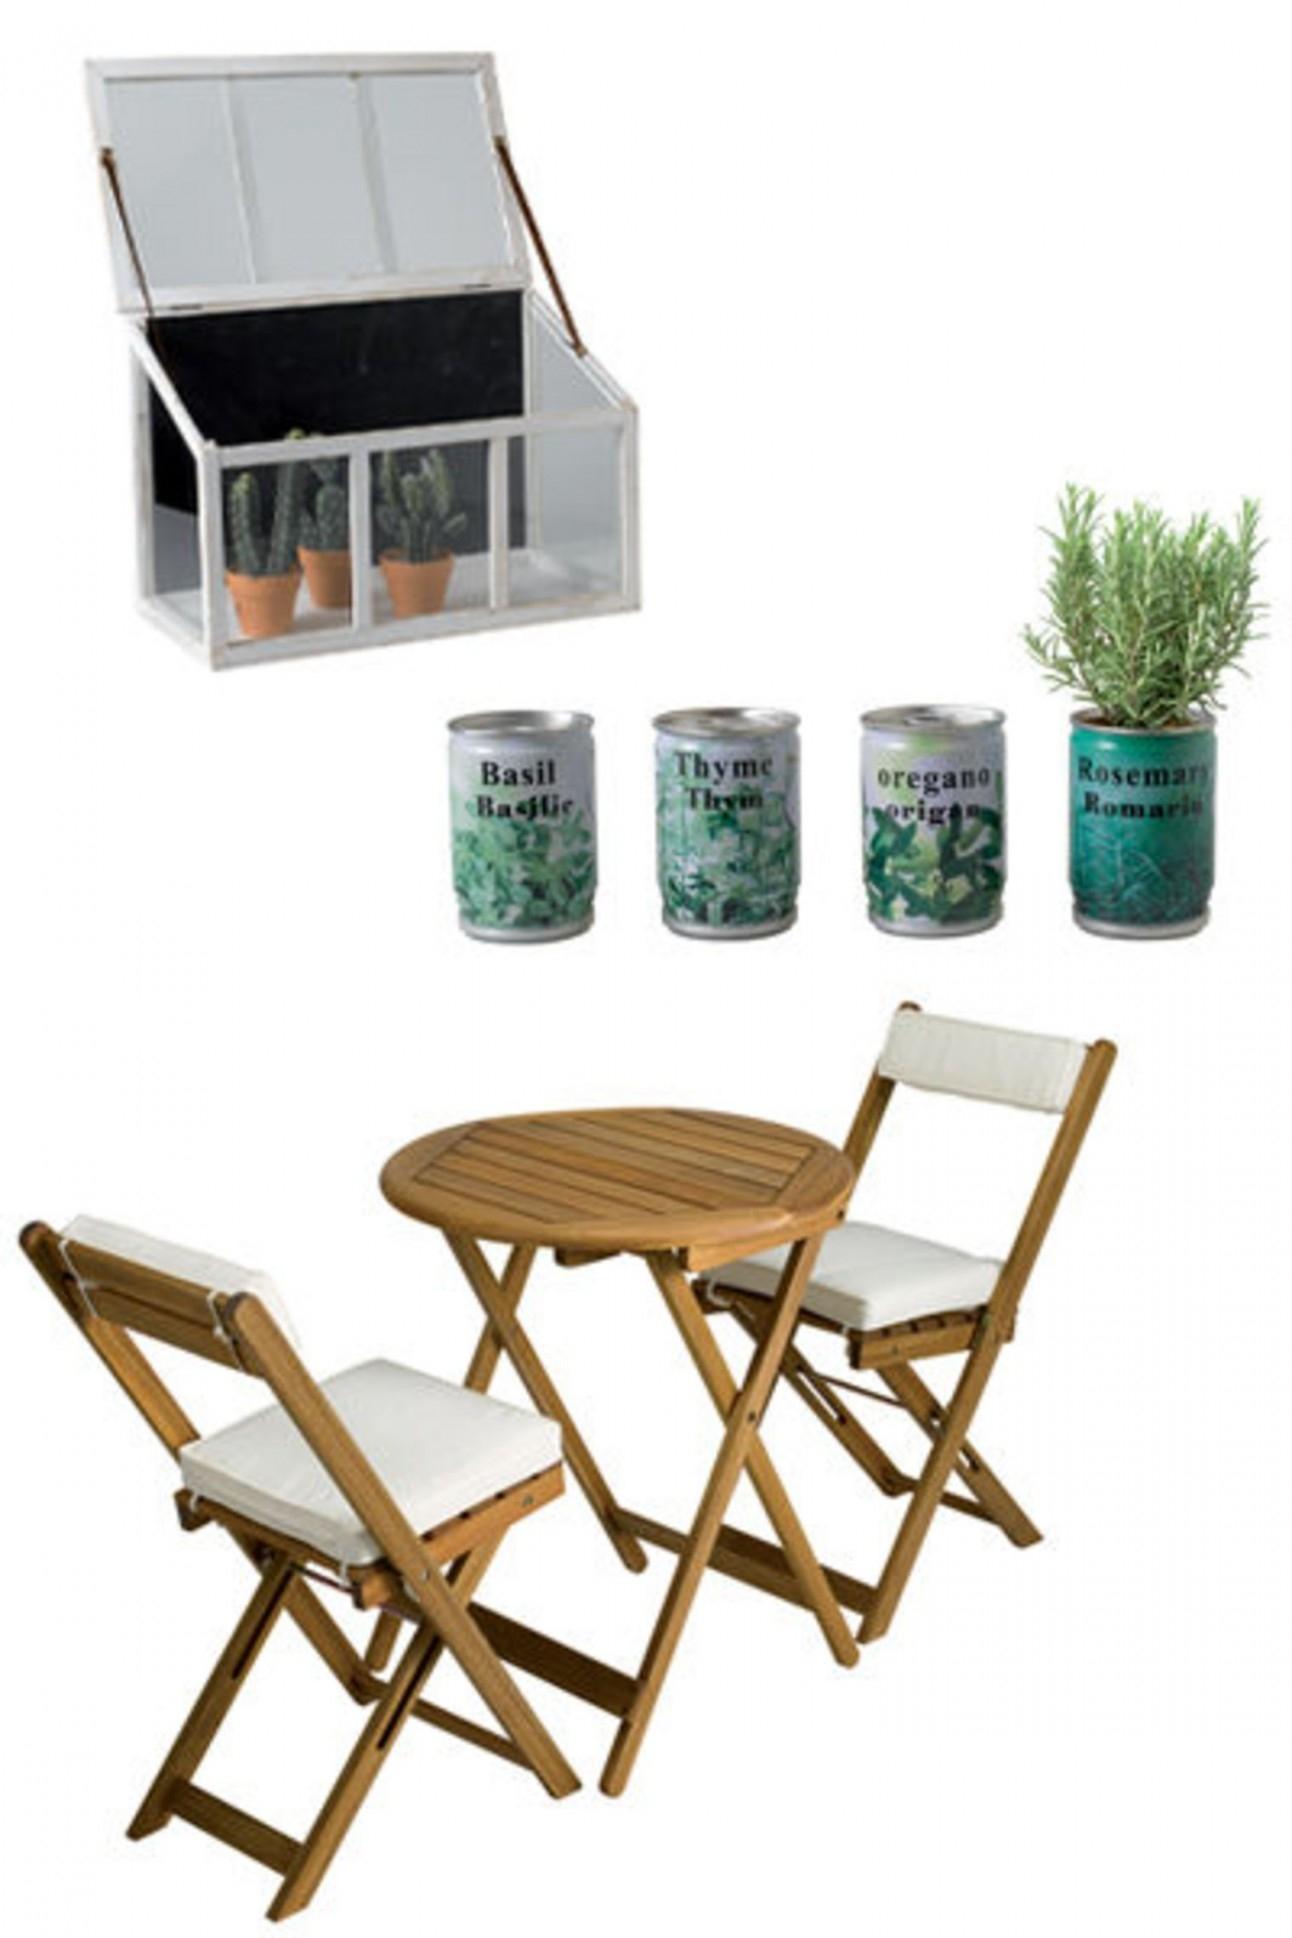 Salon de jardin fonte aluminium blanc - Mobilier de jardin ...